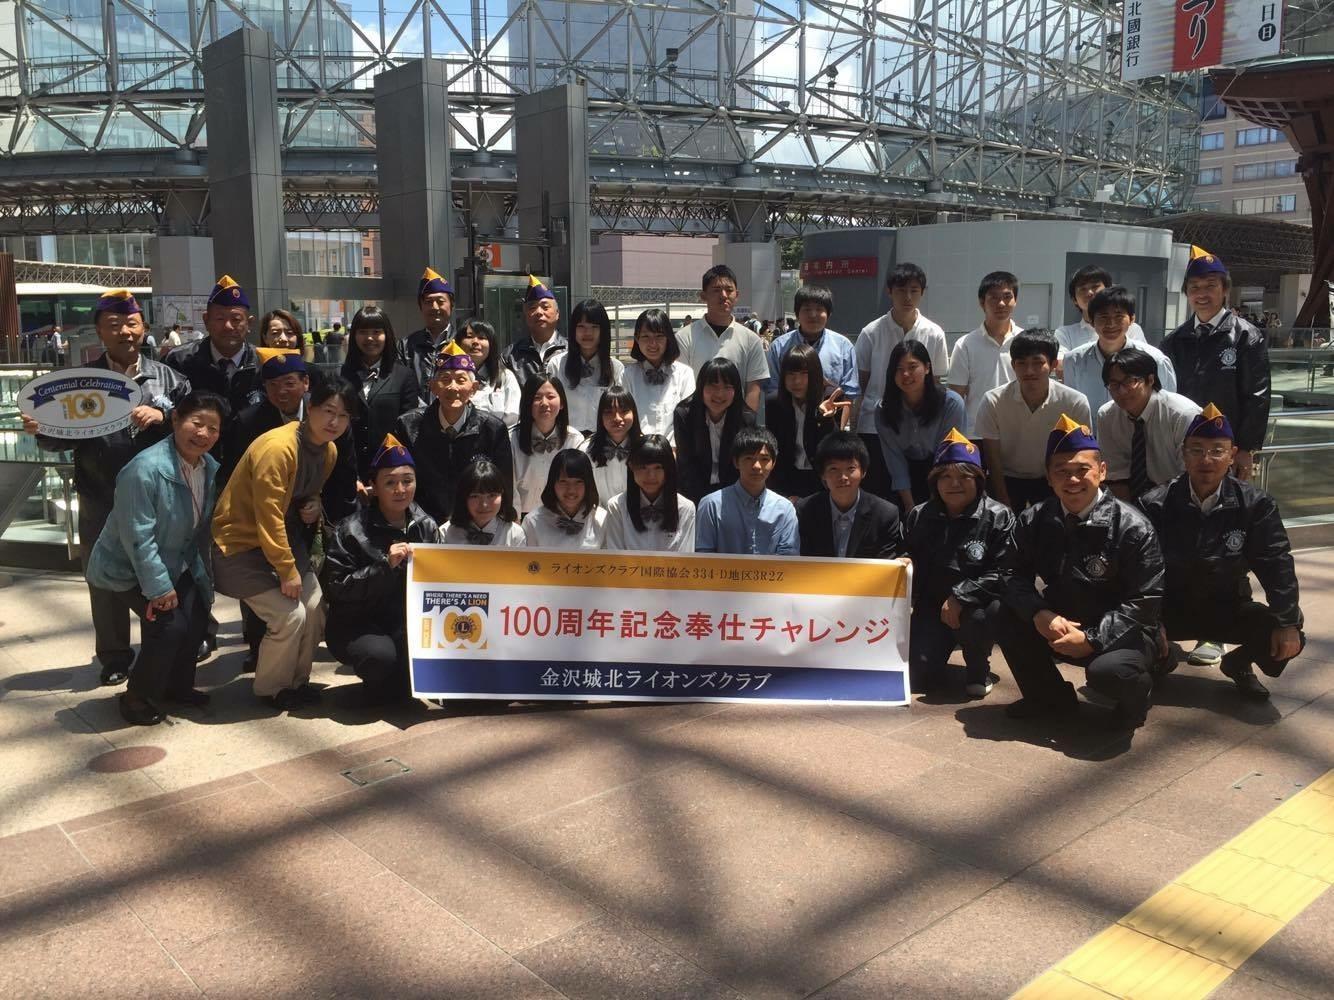 100周年記念奉仕チャレンジアイバンク街頭キャンペーン22